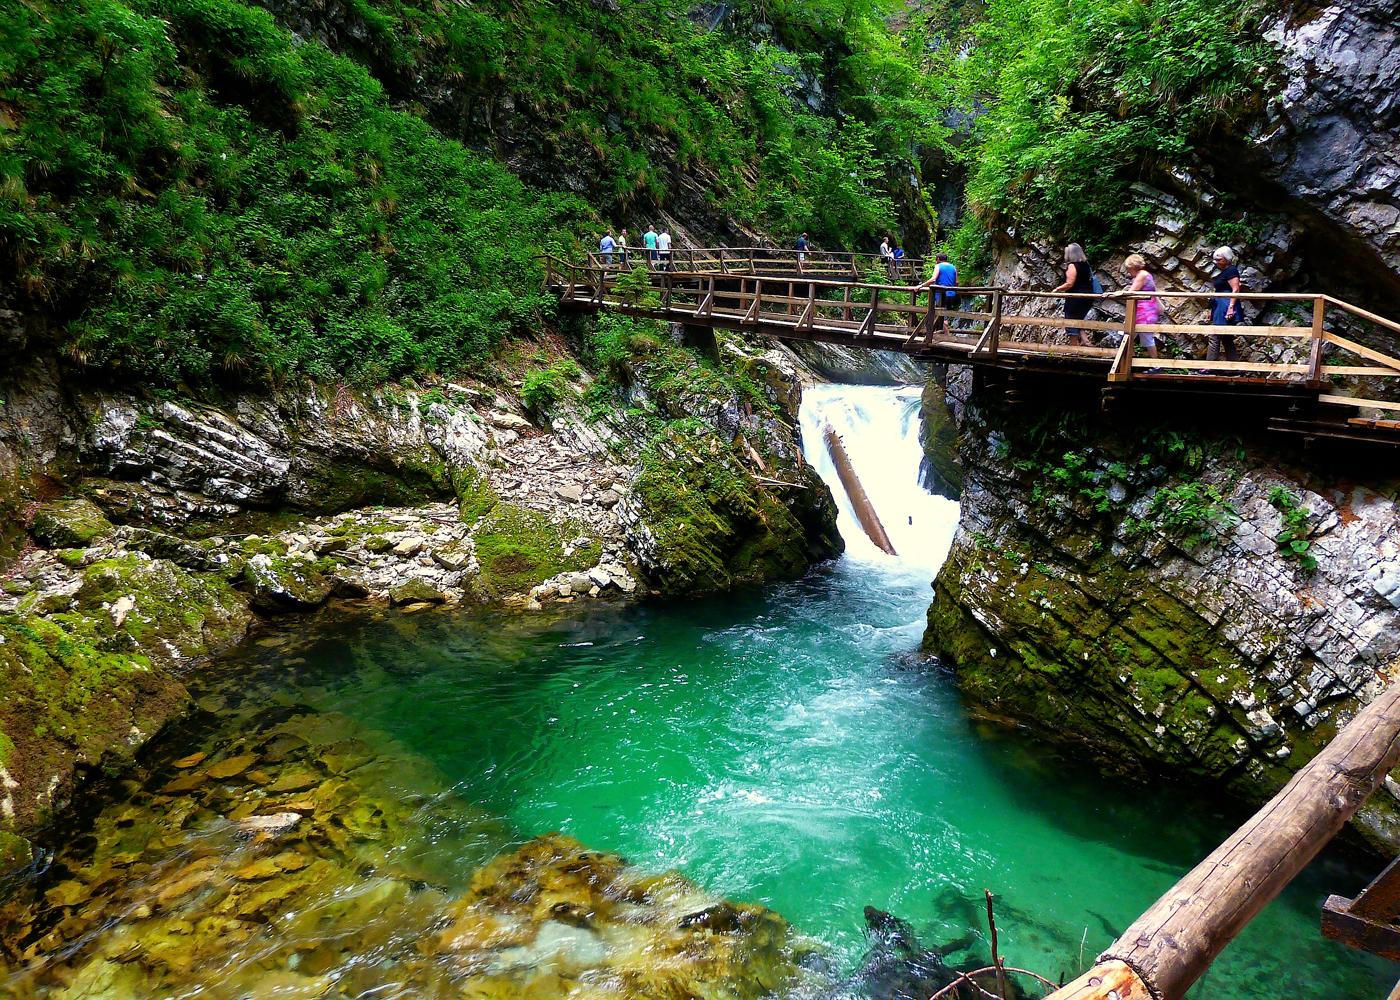 Slovenia Hiking Tour Lake Bled Julian Alps Sierra Club